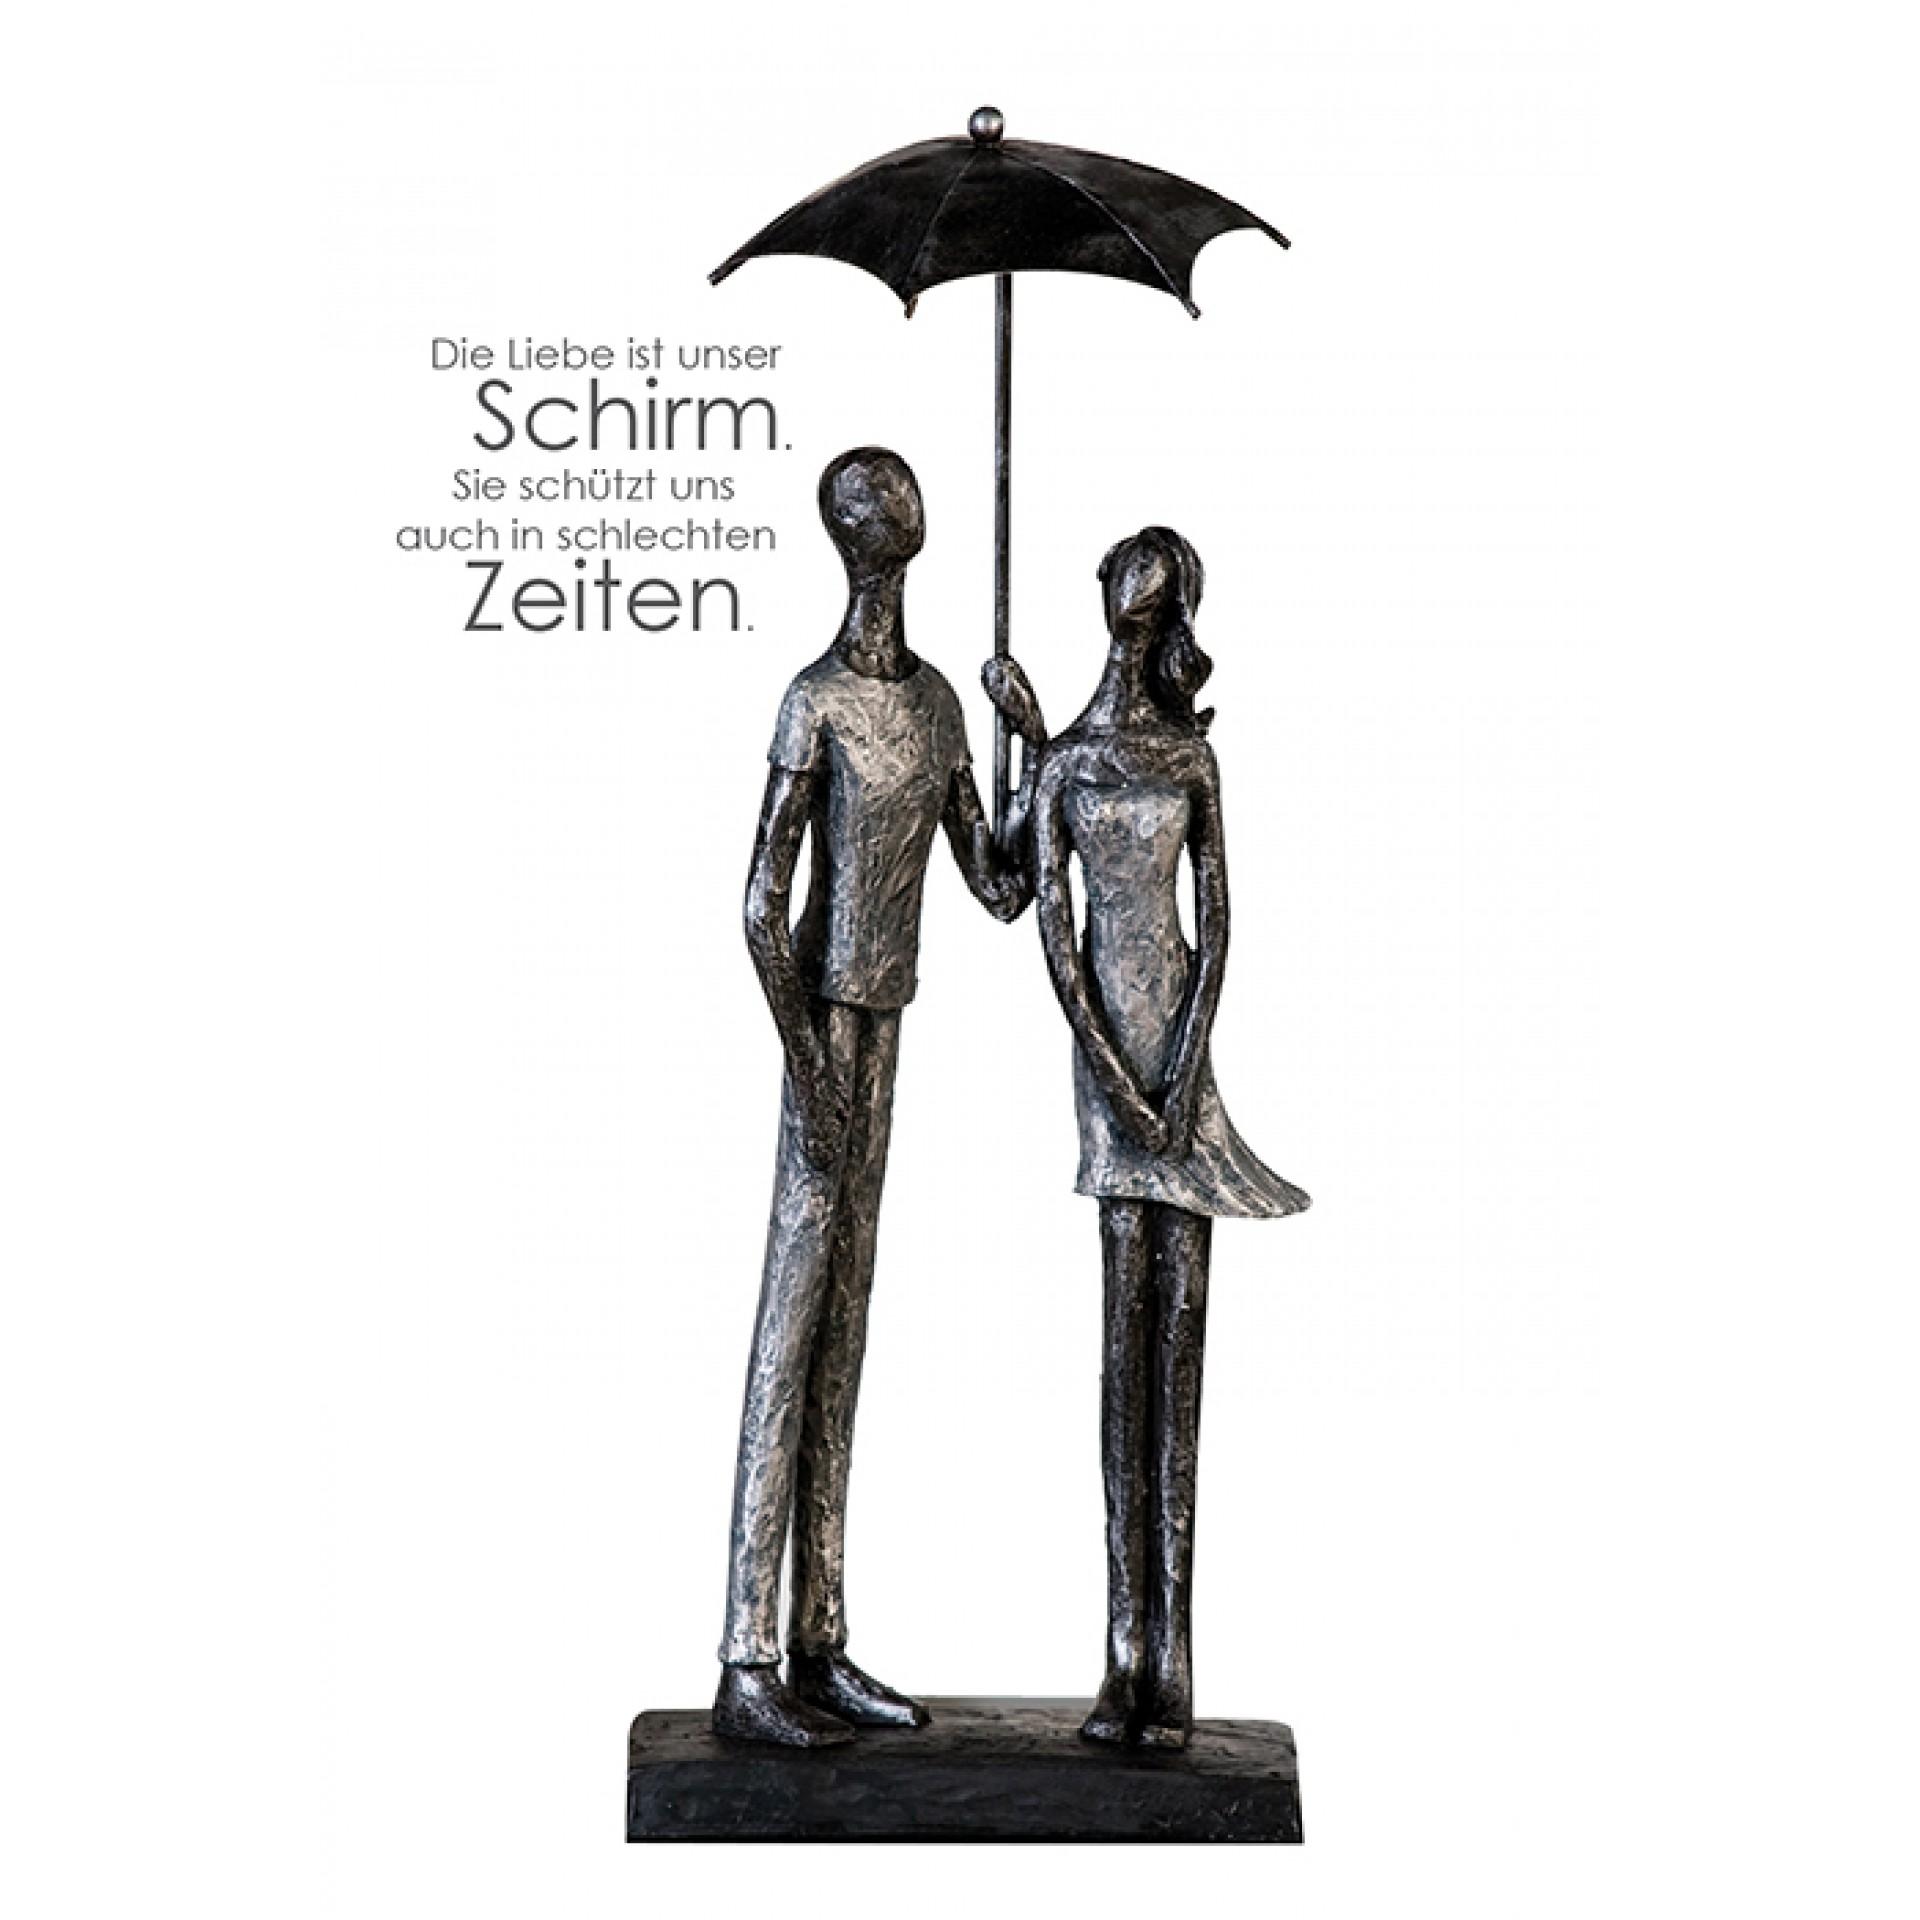 Keramik Eule mit Metallbeine Dekoration Figur Skulptur Wohnen Fensterdeko Flur